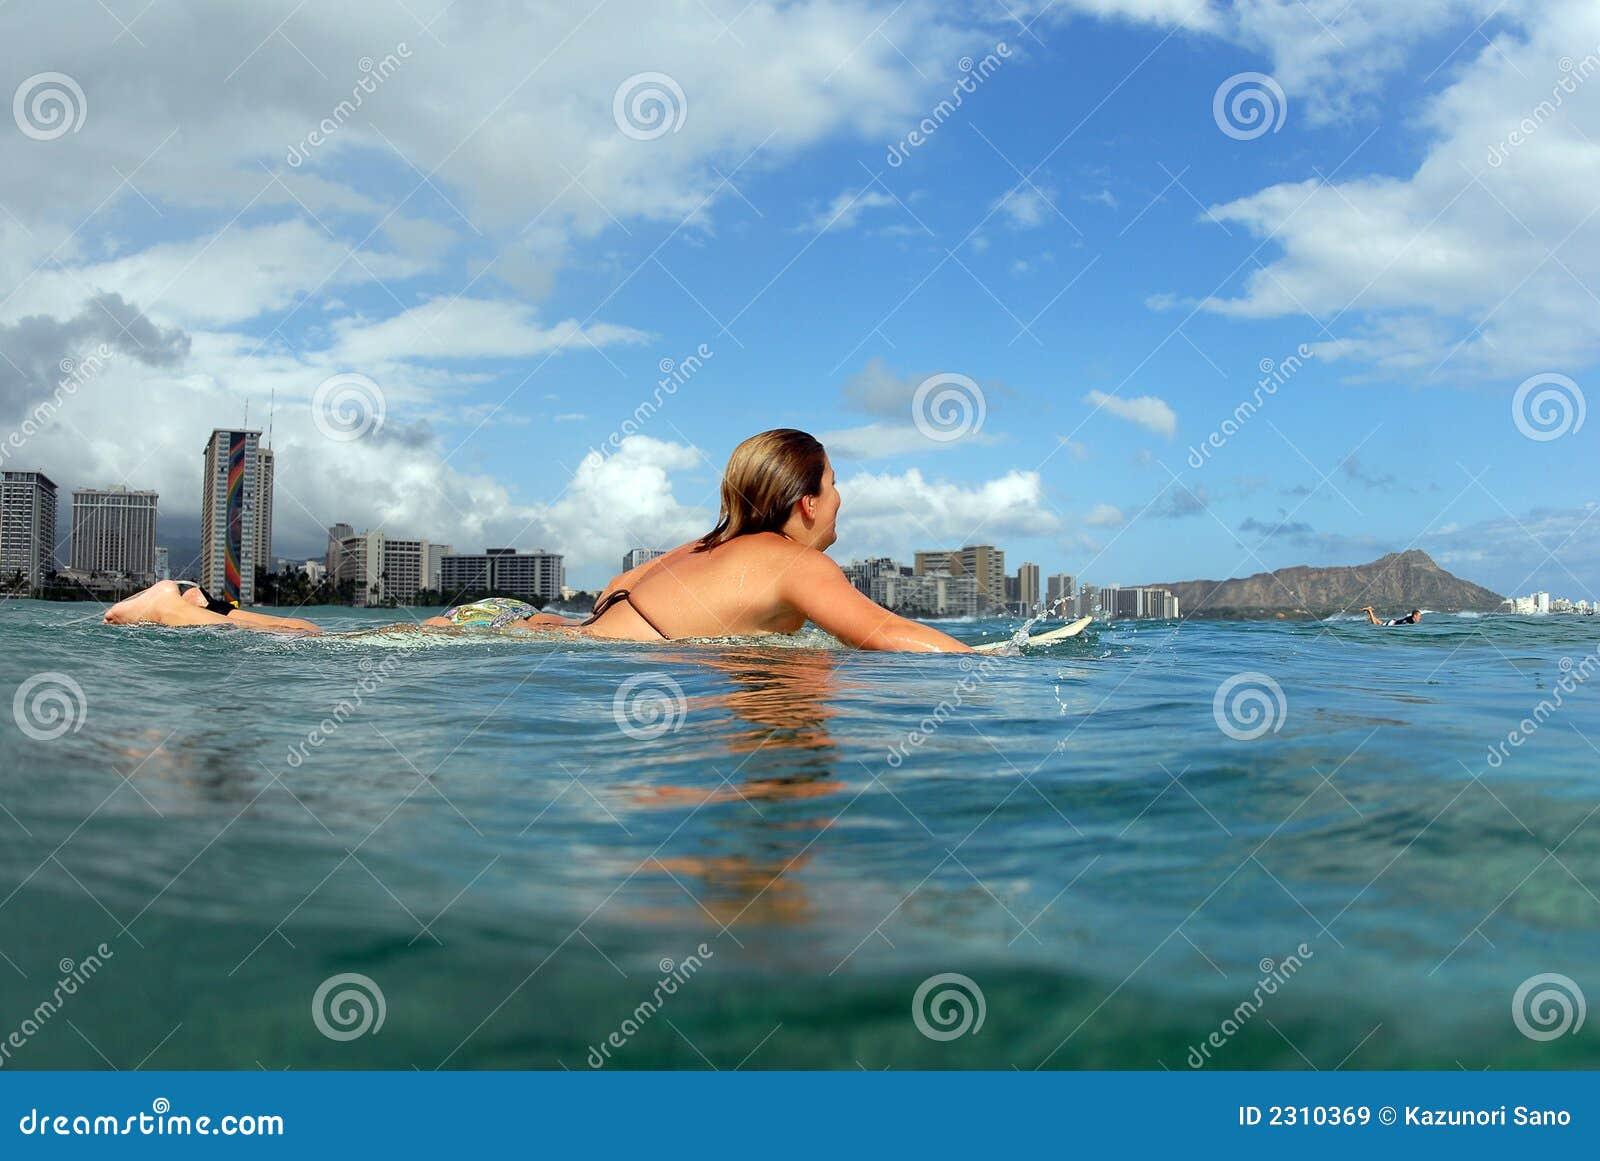 Muchacha de la persona que practica surf